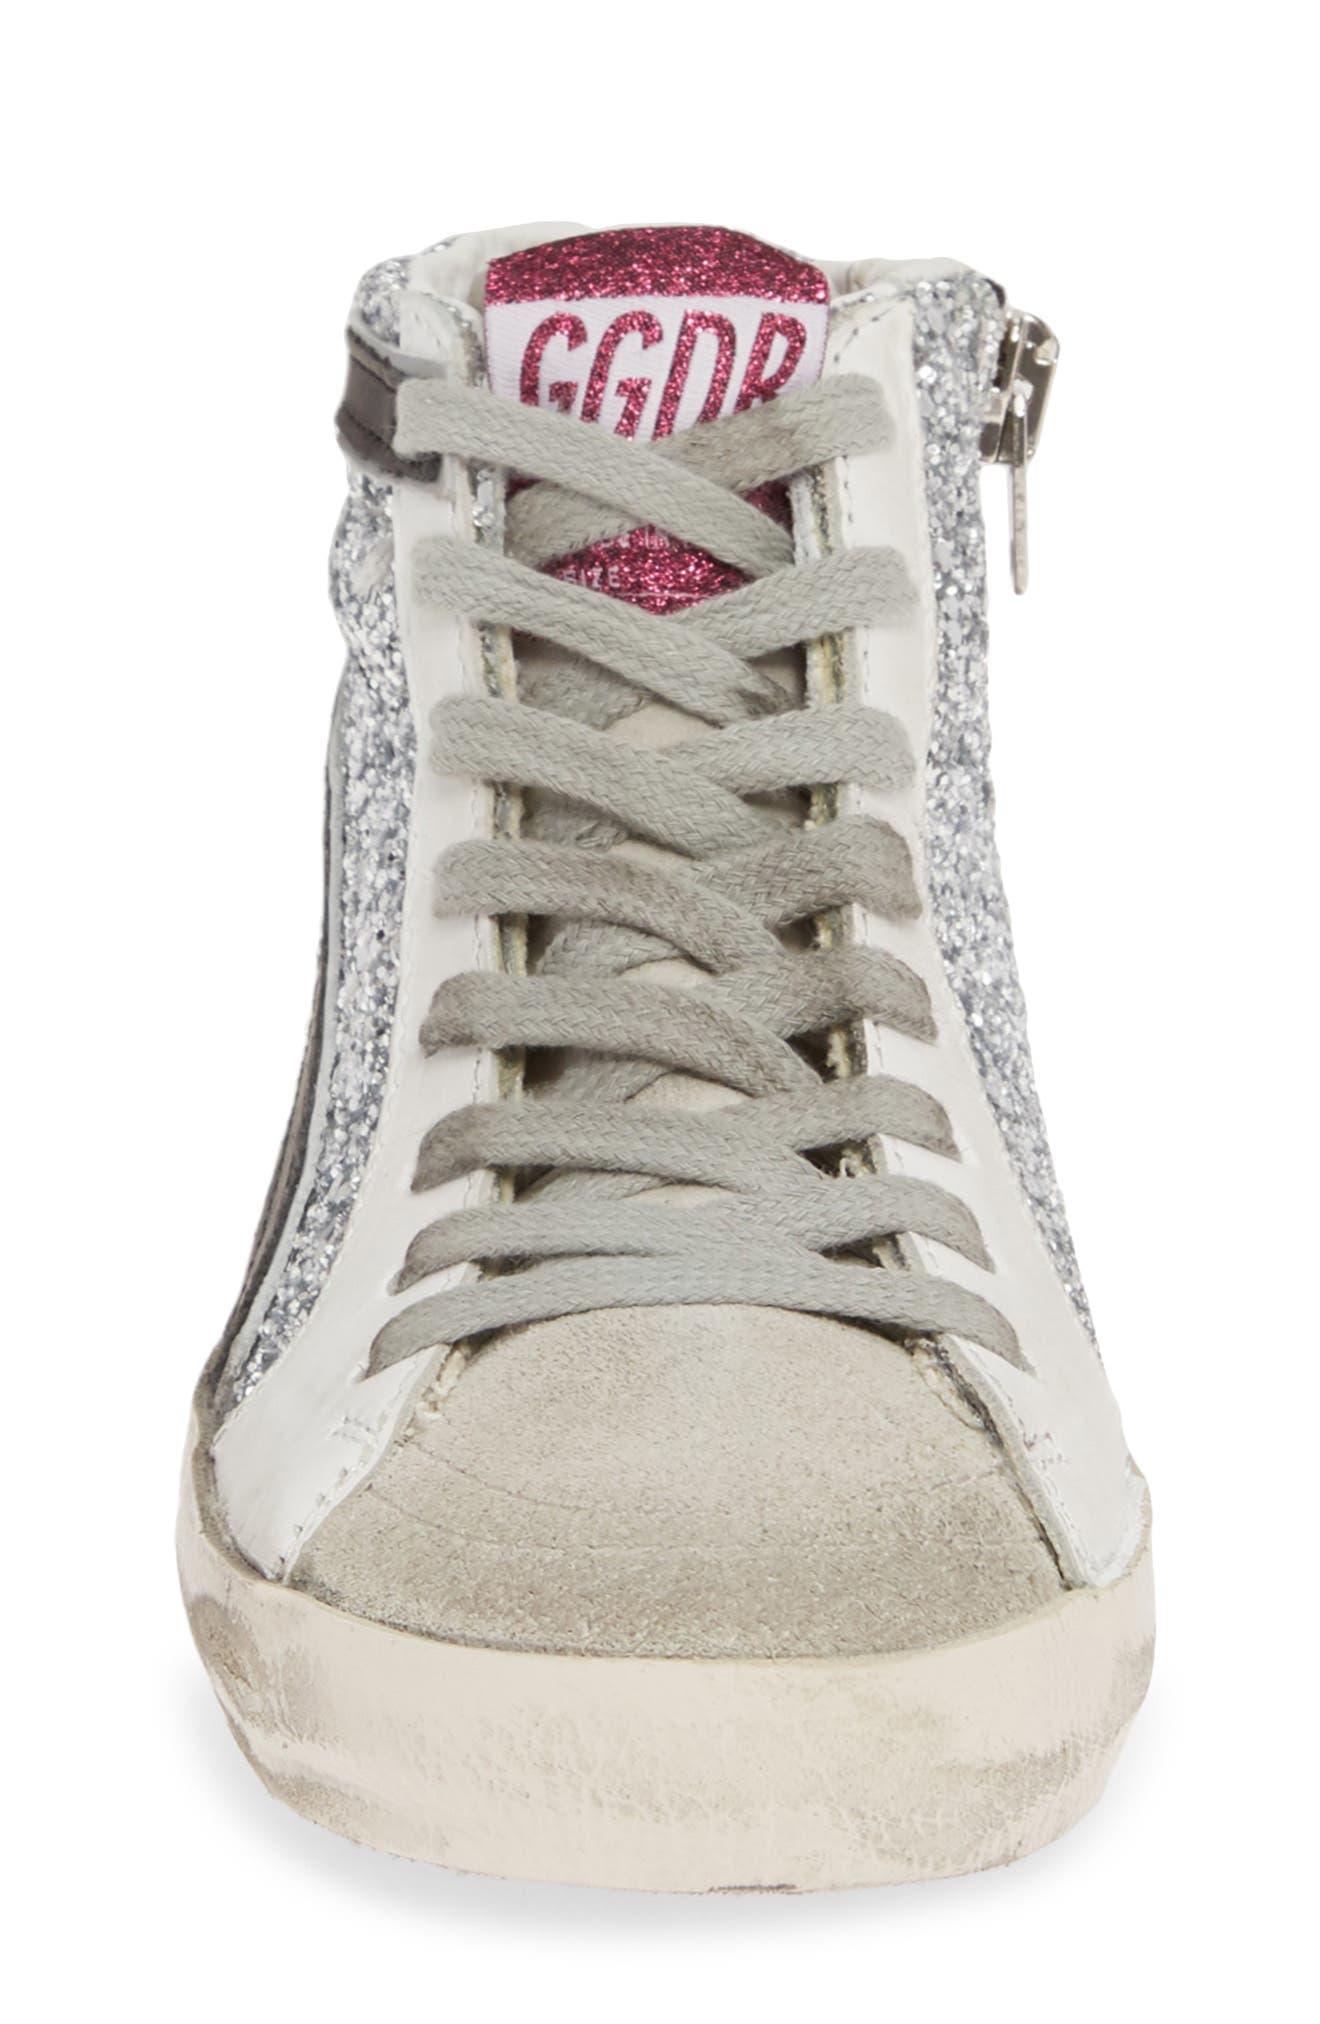 GOLDEN GOOSE, Slide Glitter High Top Sneaker, Alternate thumbnail 4, color, SILVER GLITTER/ BLACK SLIDE